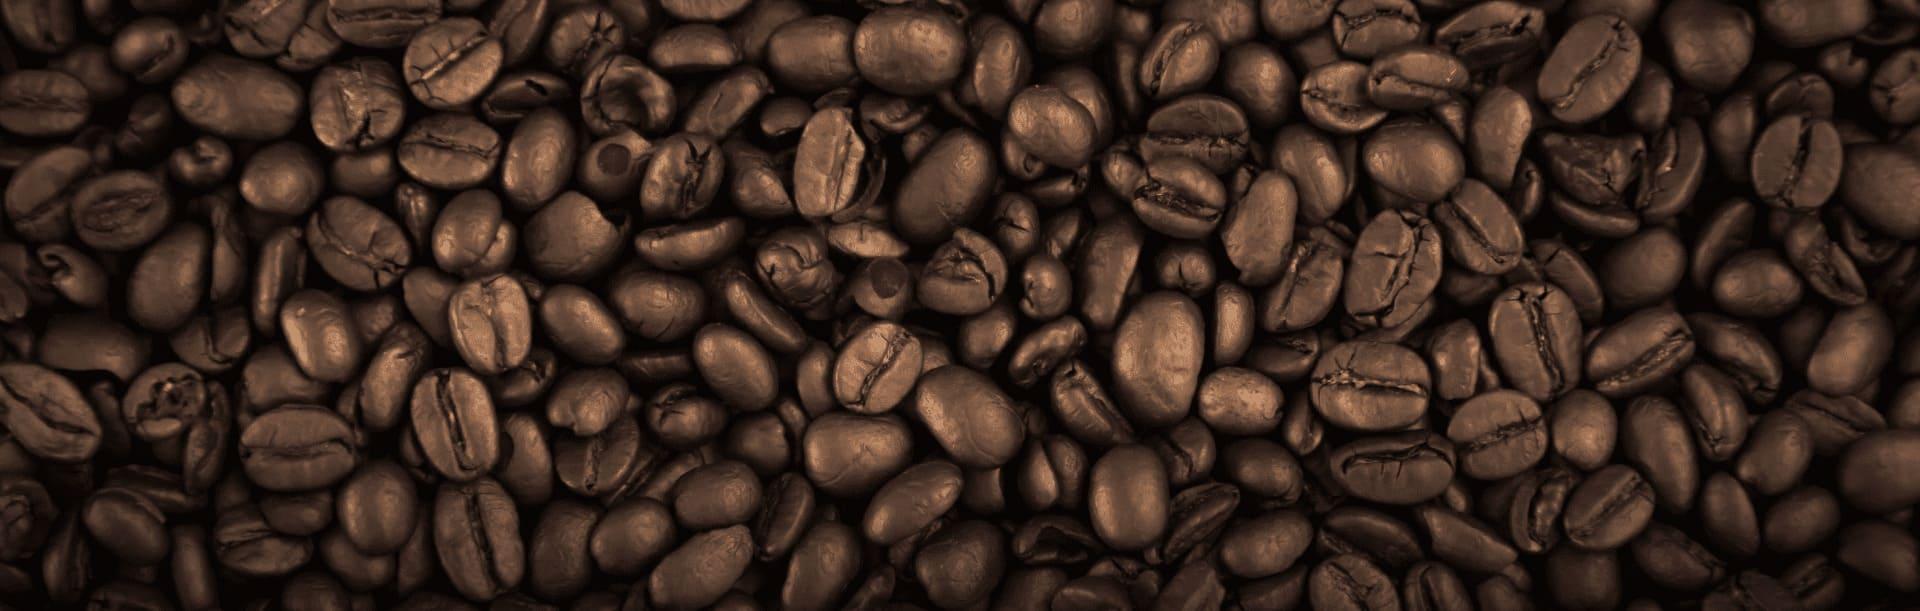 Foto ilustrativa de grãos de café torrado